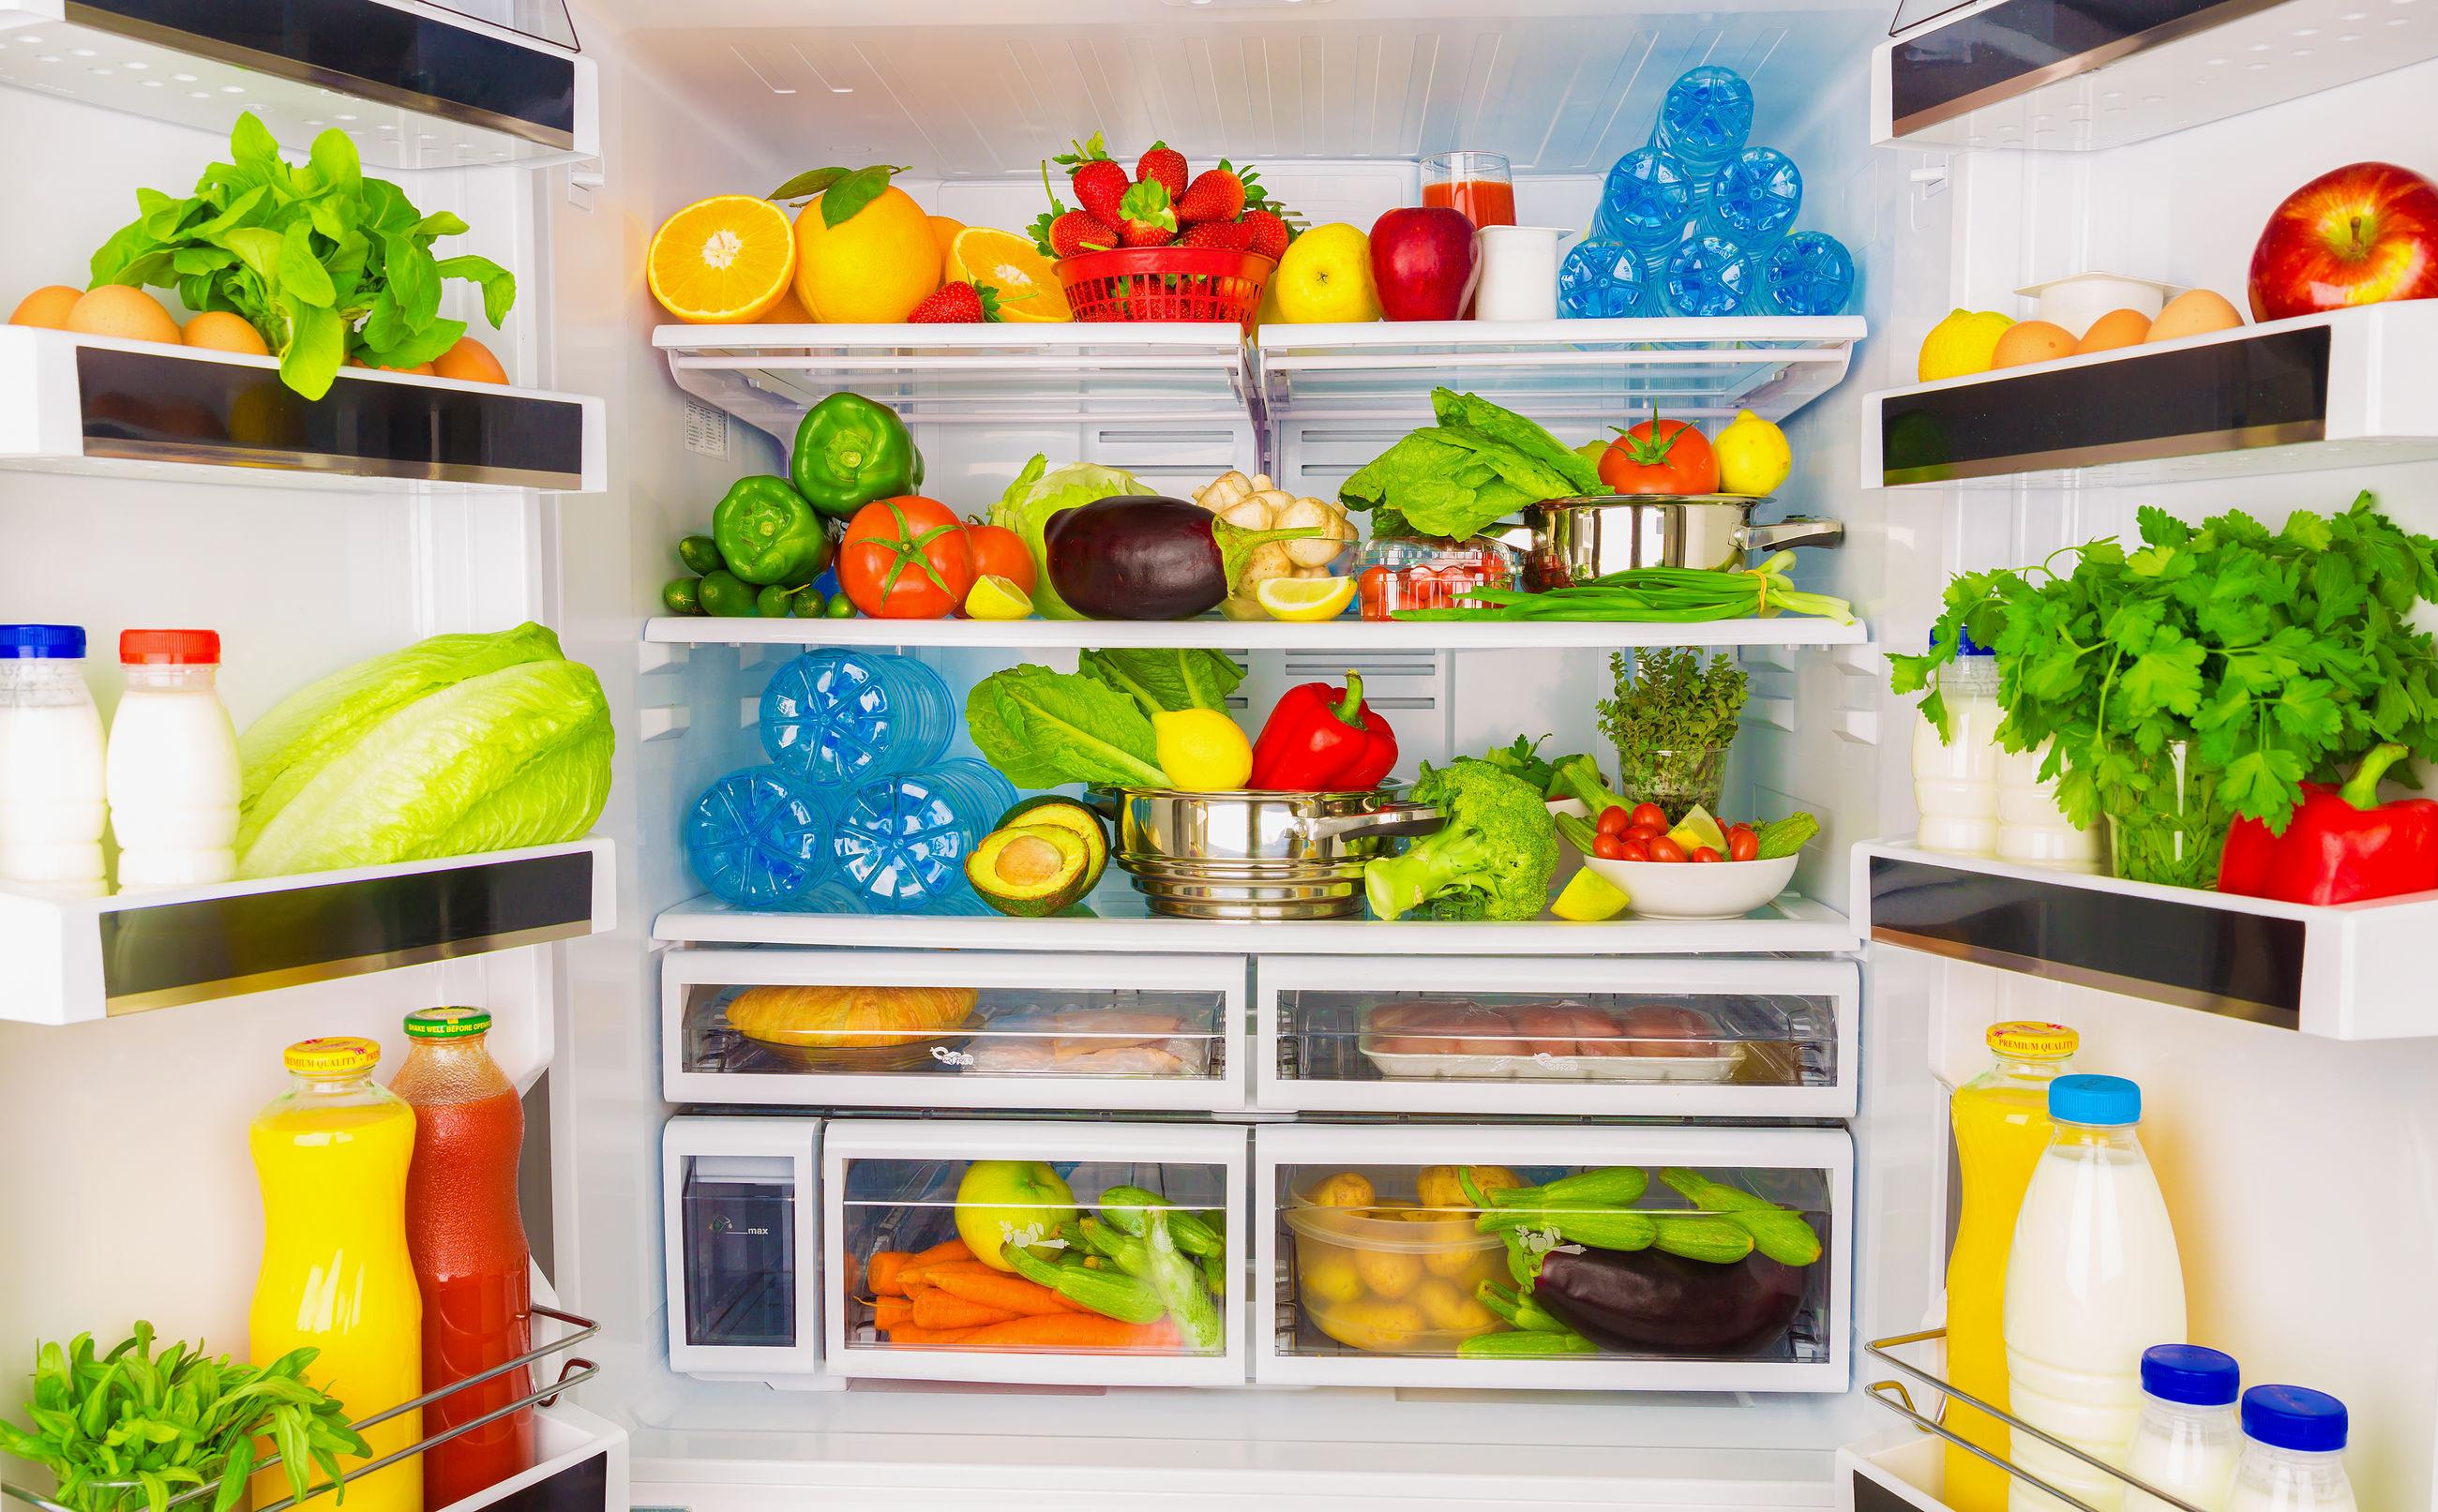 Află cum se curata frigiderul si cum scăpăm de mirosurile neplăcute din frigider